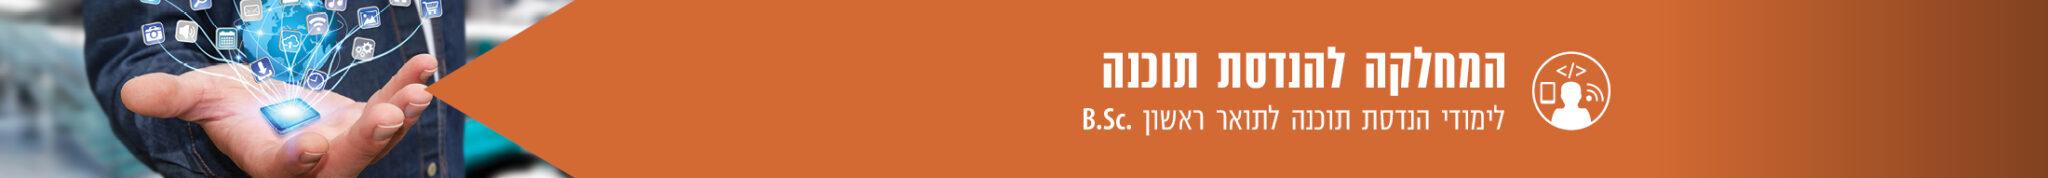 לימודי הנדסת תוכנה לתואר ראשון .B.Sc